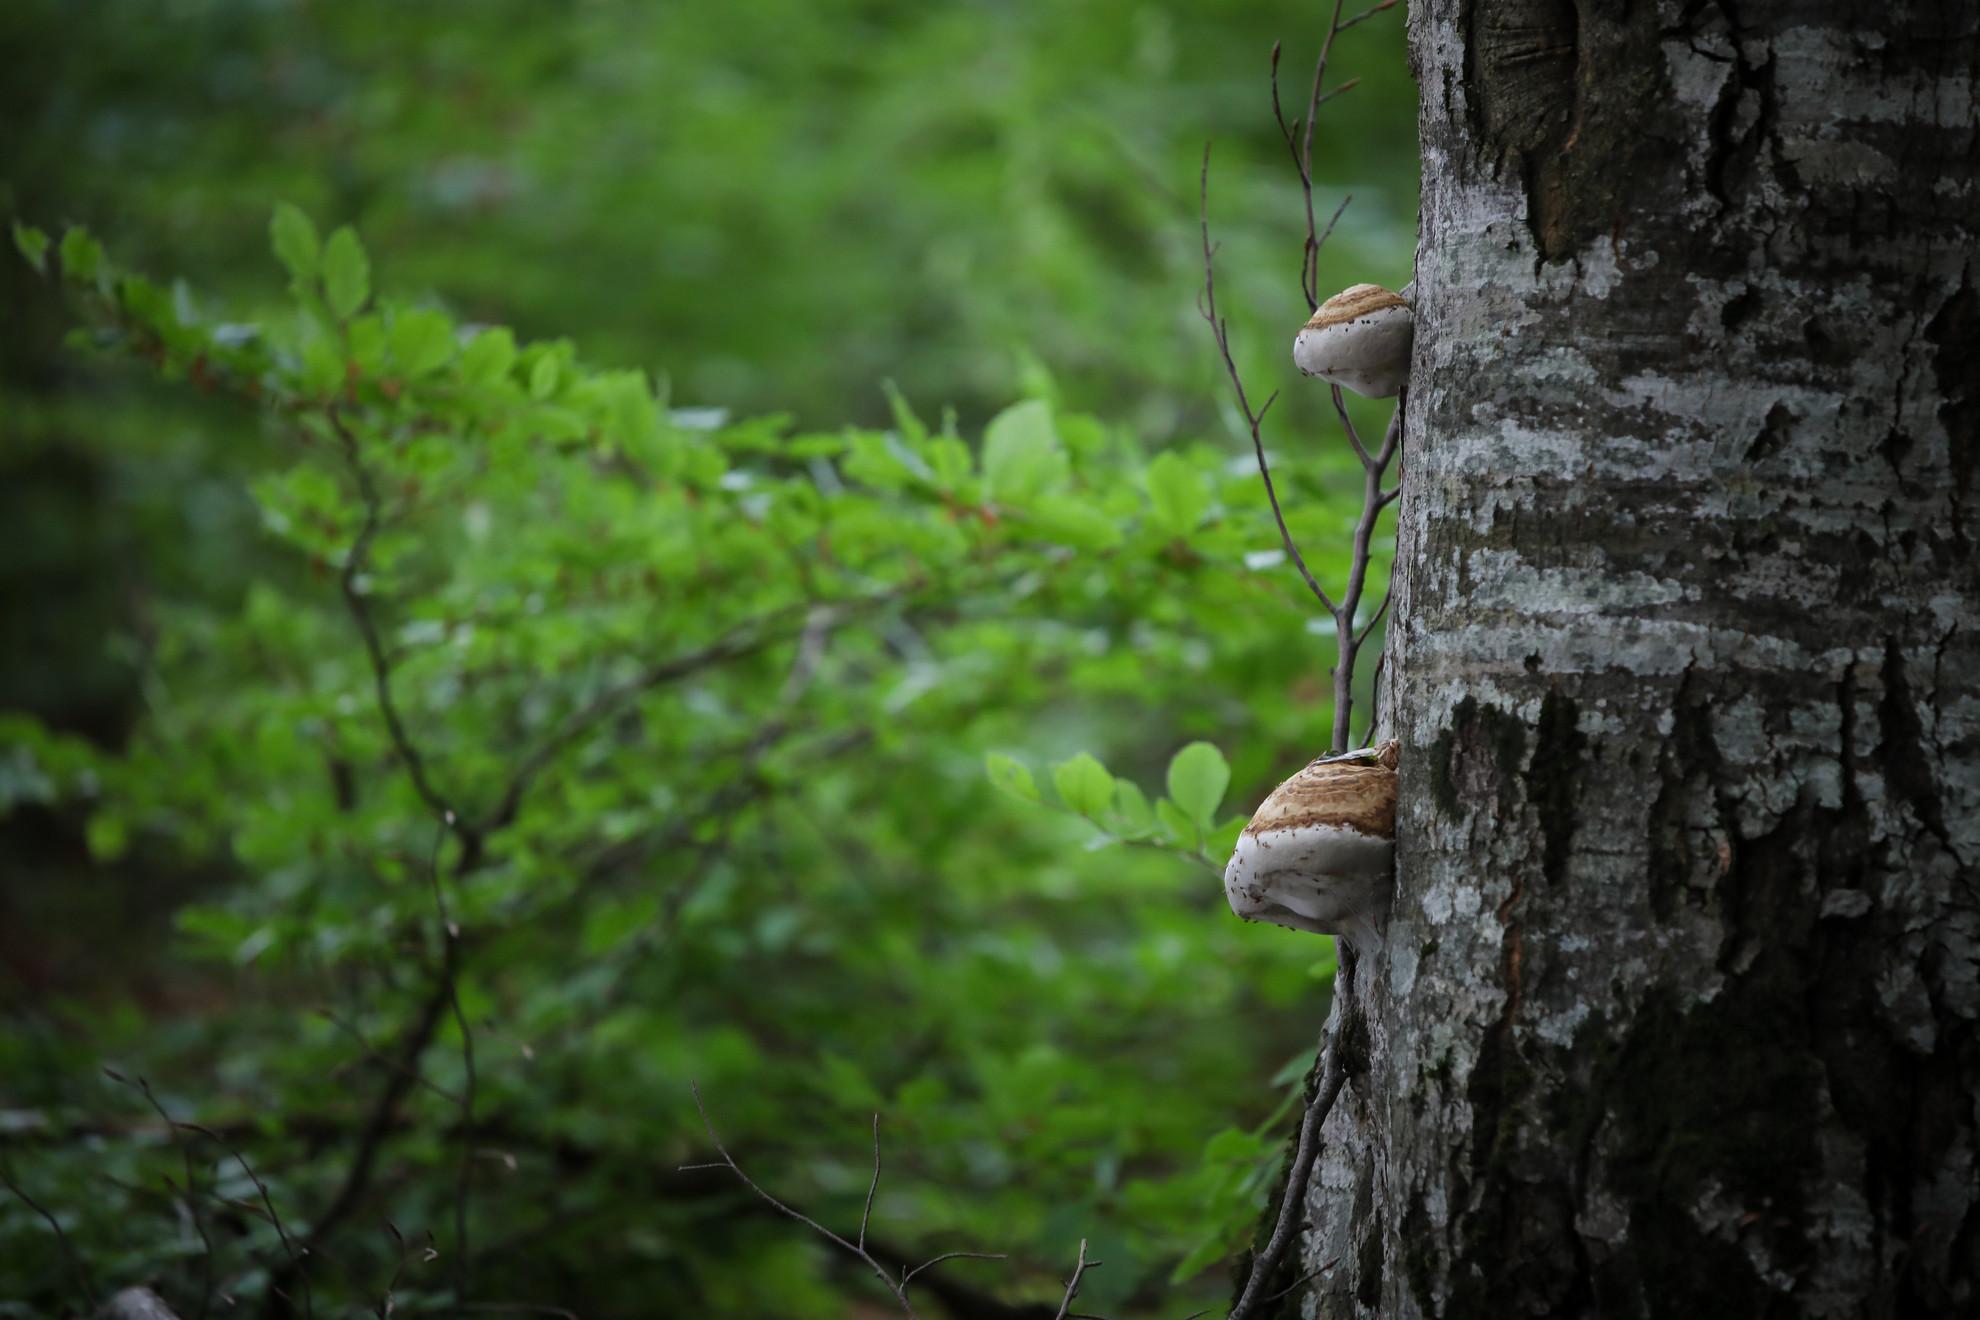 Két-háromszáz, de olykor ötszáz éves őserdőkben járnak taplógombák után a taplászok. Az öreg fa: gyenge fa, jól terem rajta az élősködő tapló.